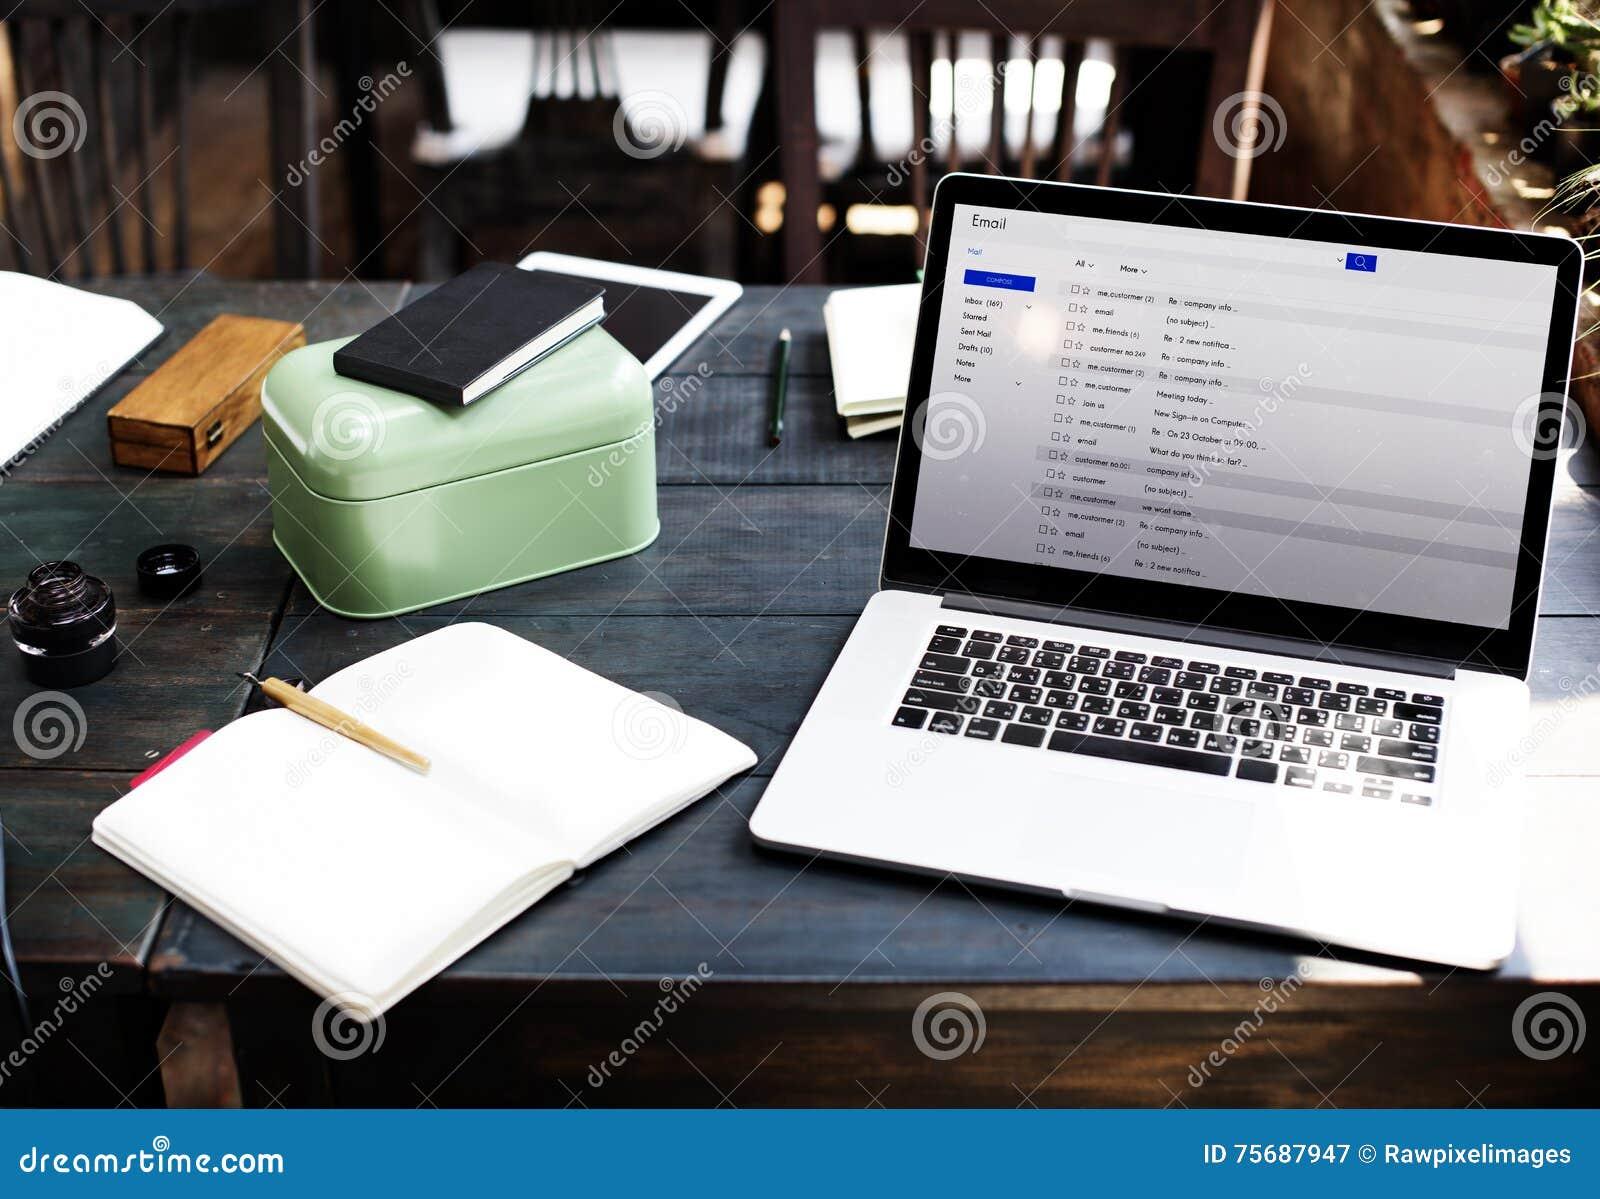 Σε απευθείας σύνδεση έννοια μηνύματος ηλεκτρονικού ταχυδρομείου αλληλογραφίας επικοινωνίας